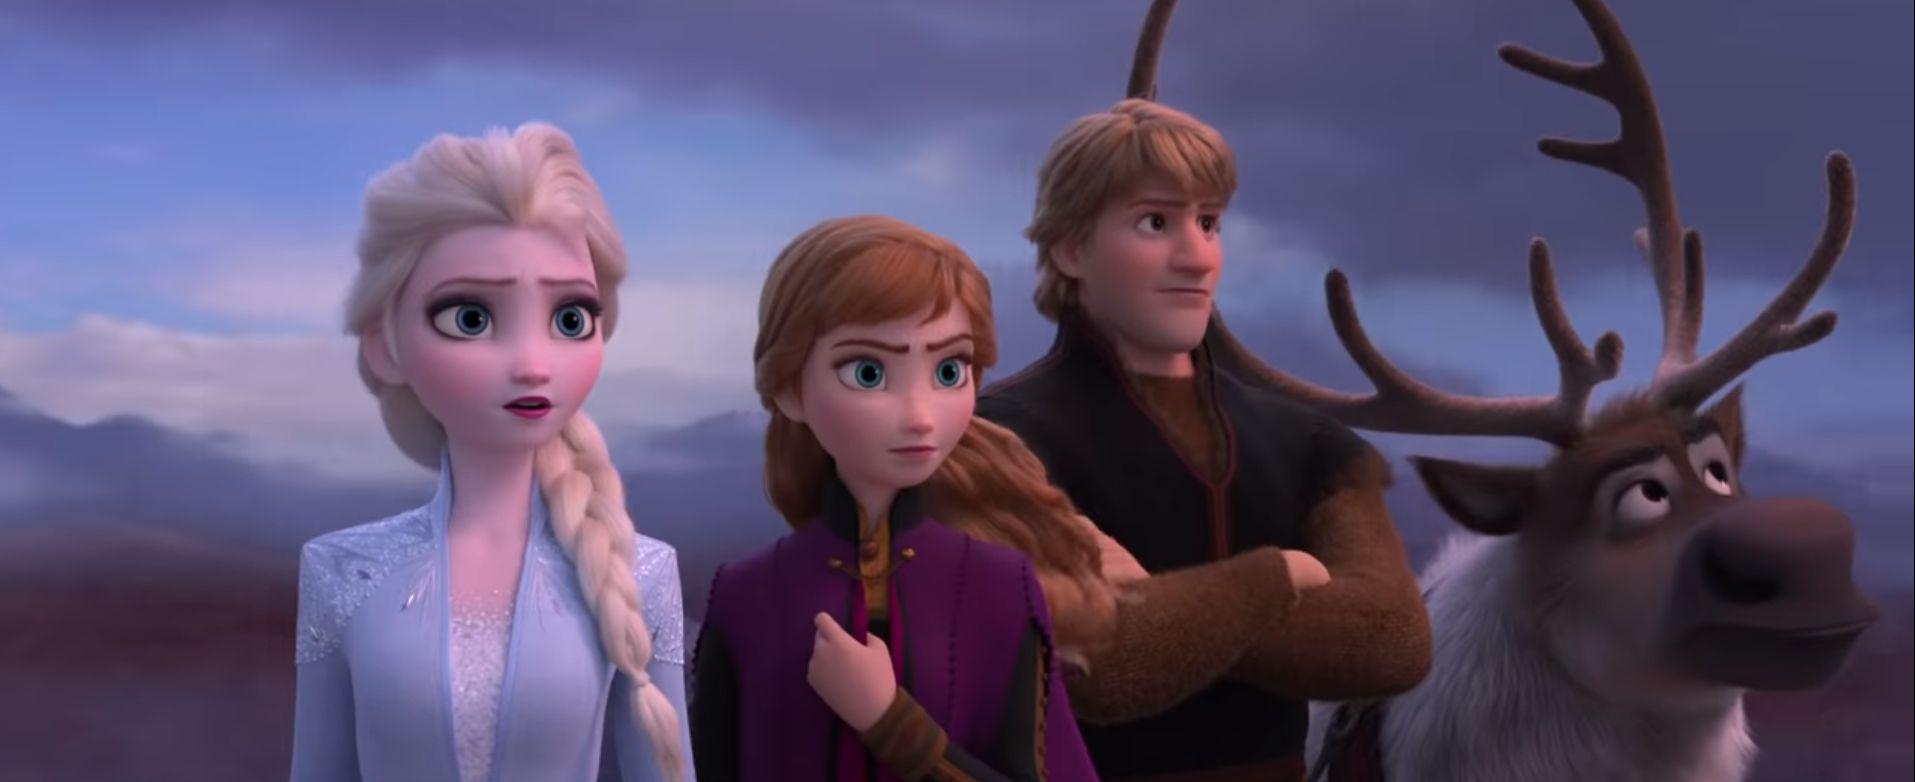 '겨울왕국2' 예고편에 마블 히어로 영화의 음악을 넣었더니